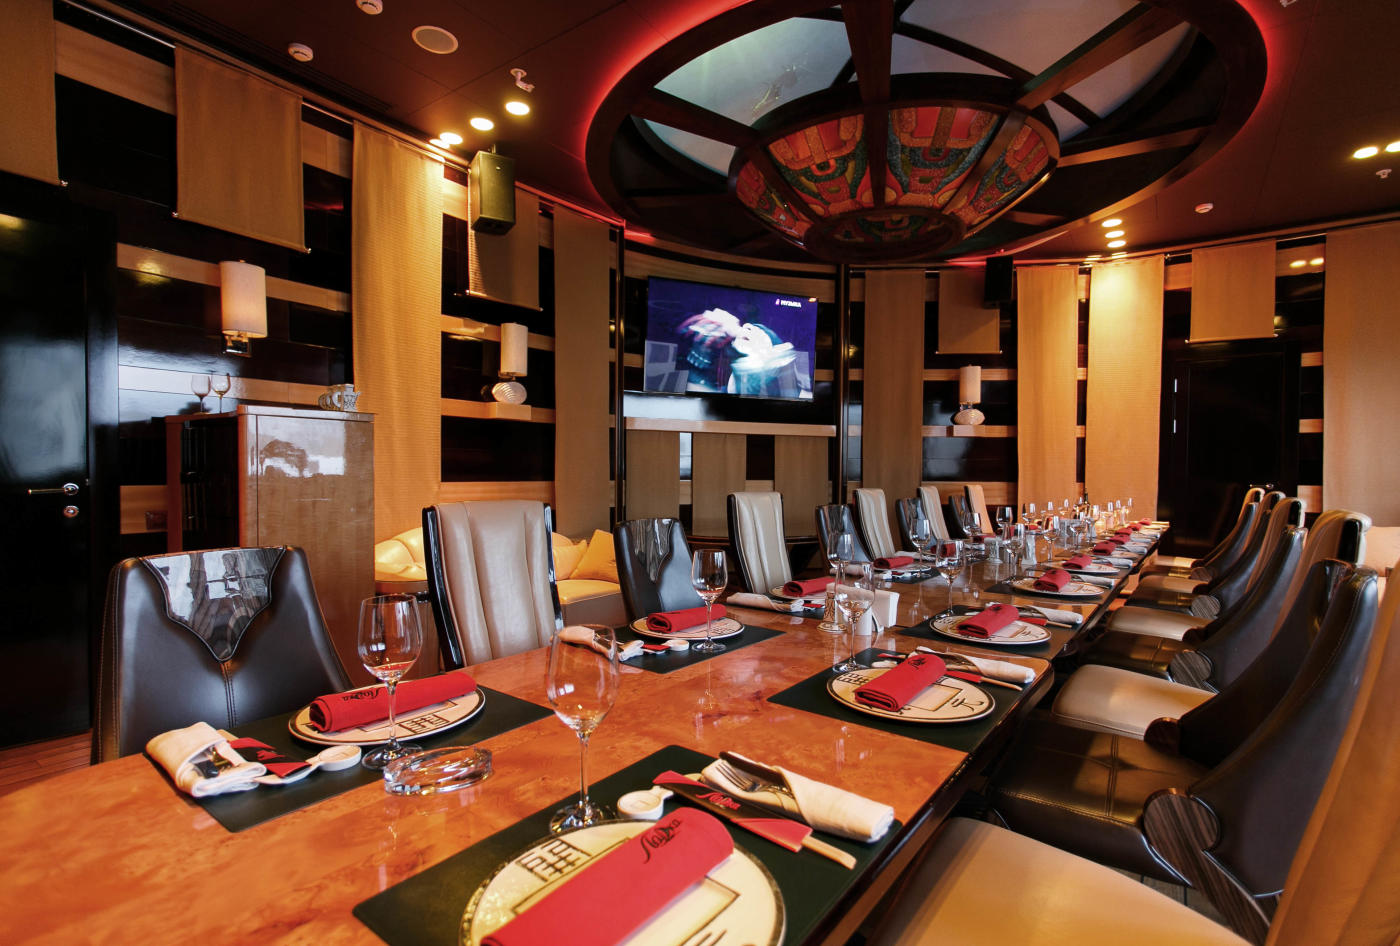 Ресторан Лодка в Лотте Плаза фото 56